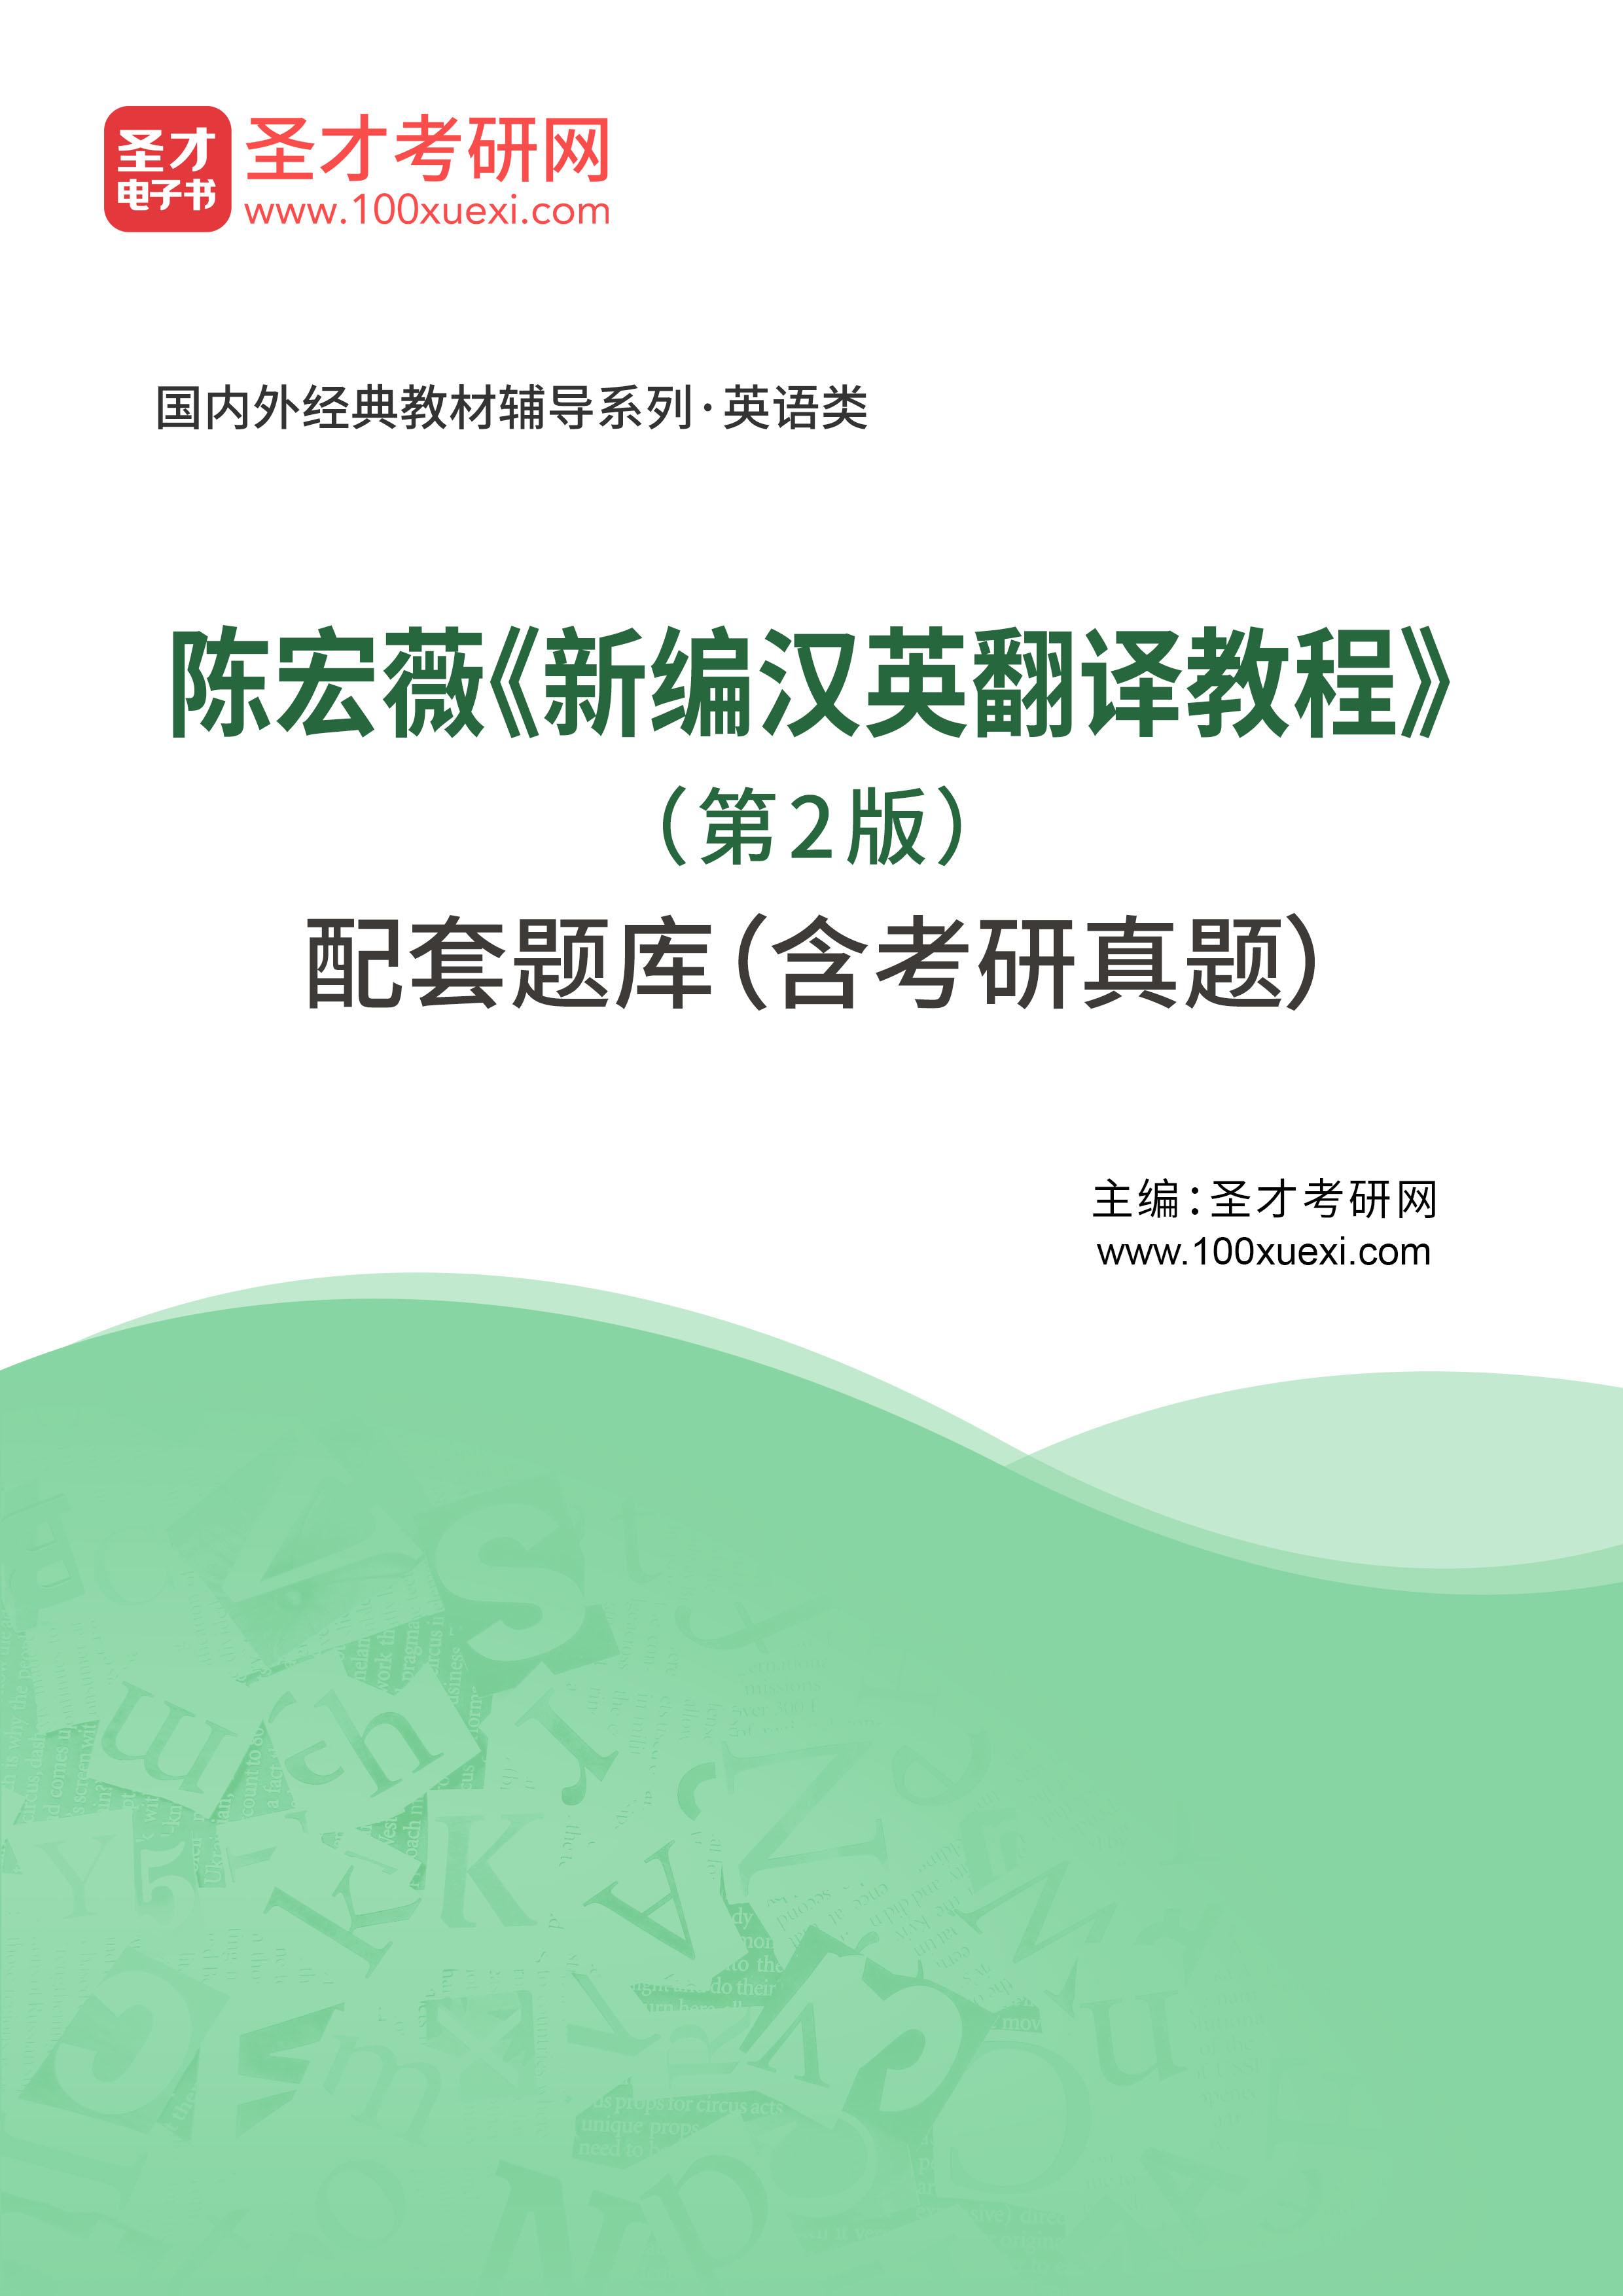 陈宏薇《新编汉英翻译教程》(第2版)配套题库(含考研真题)